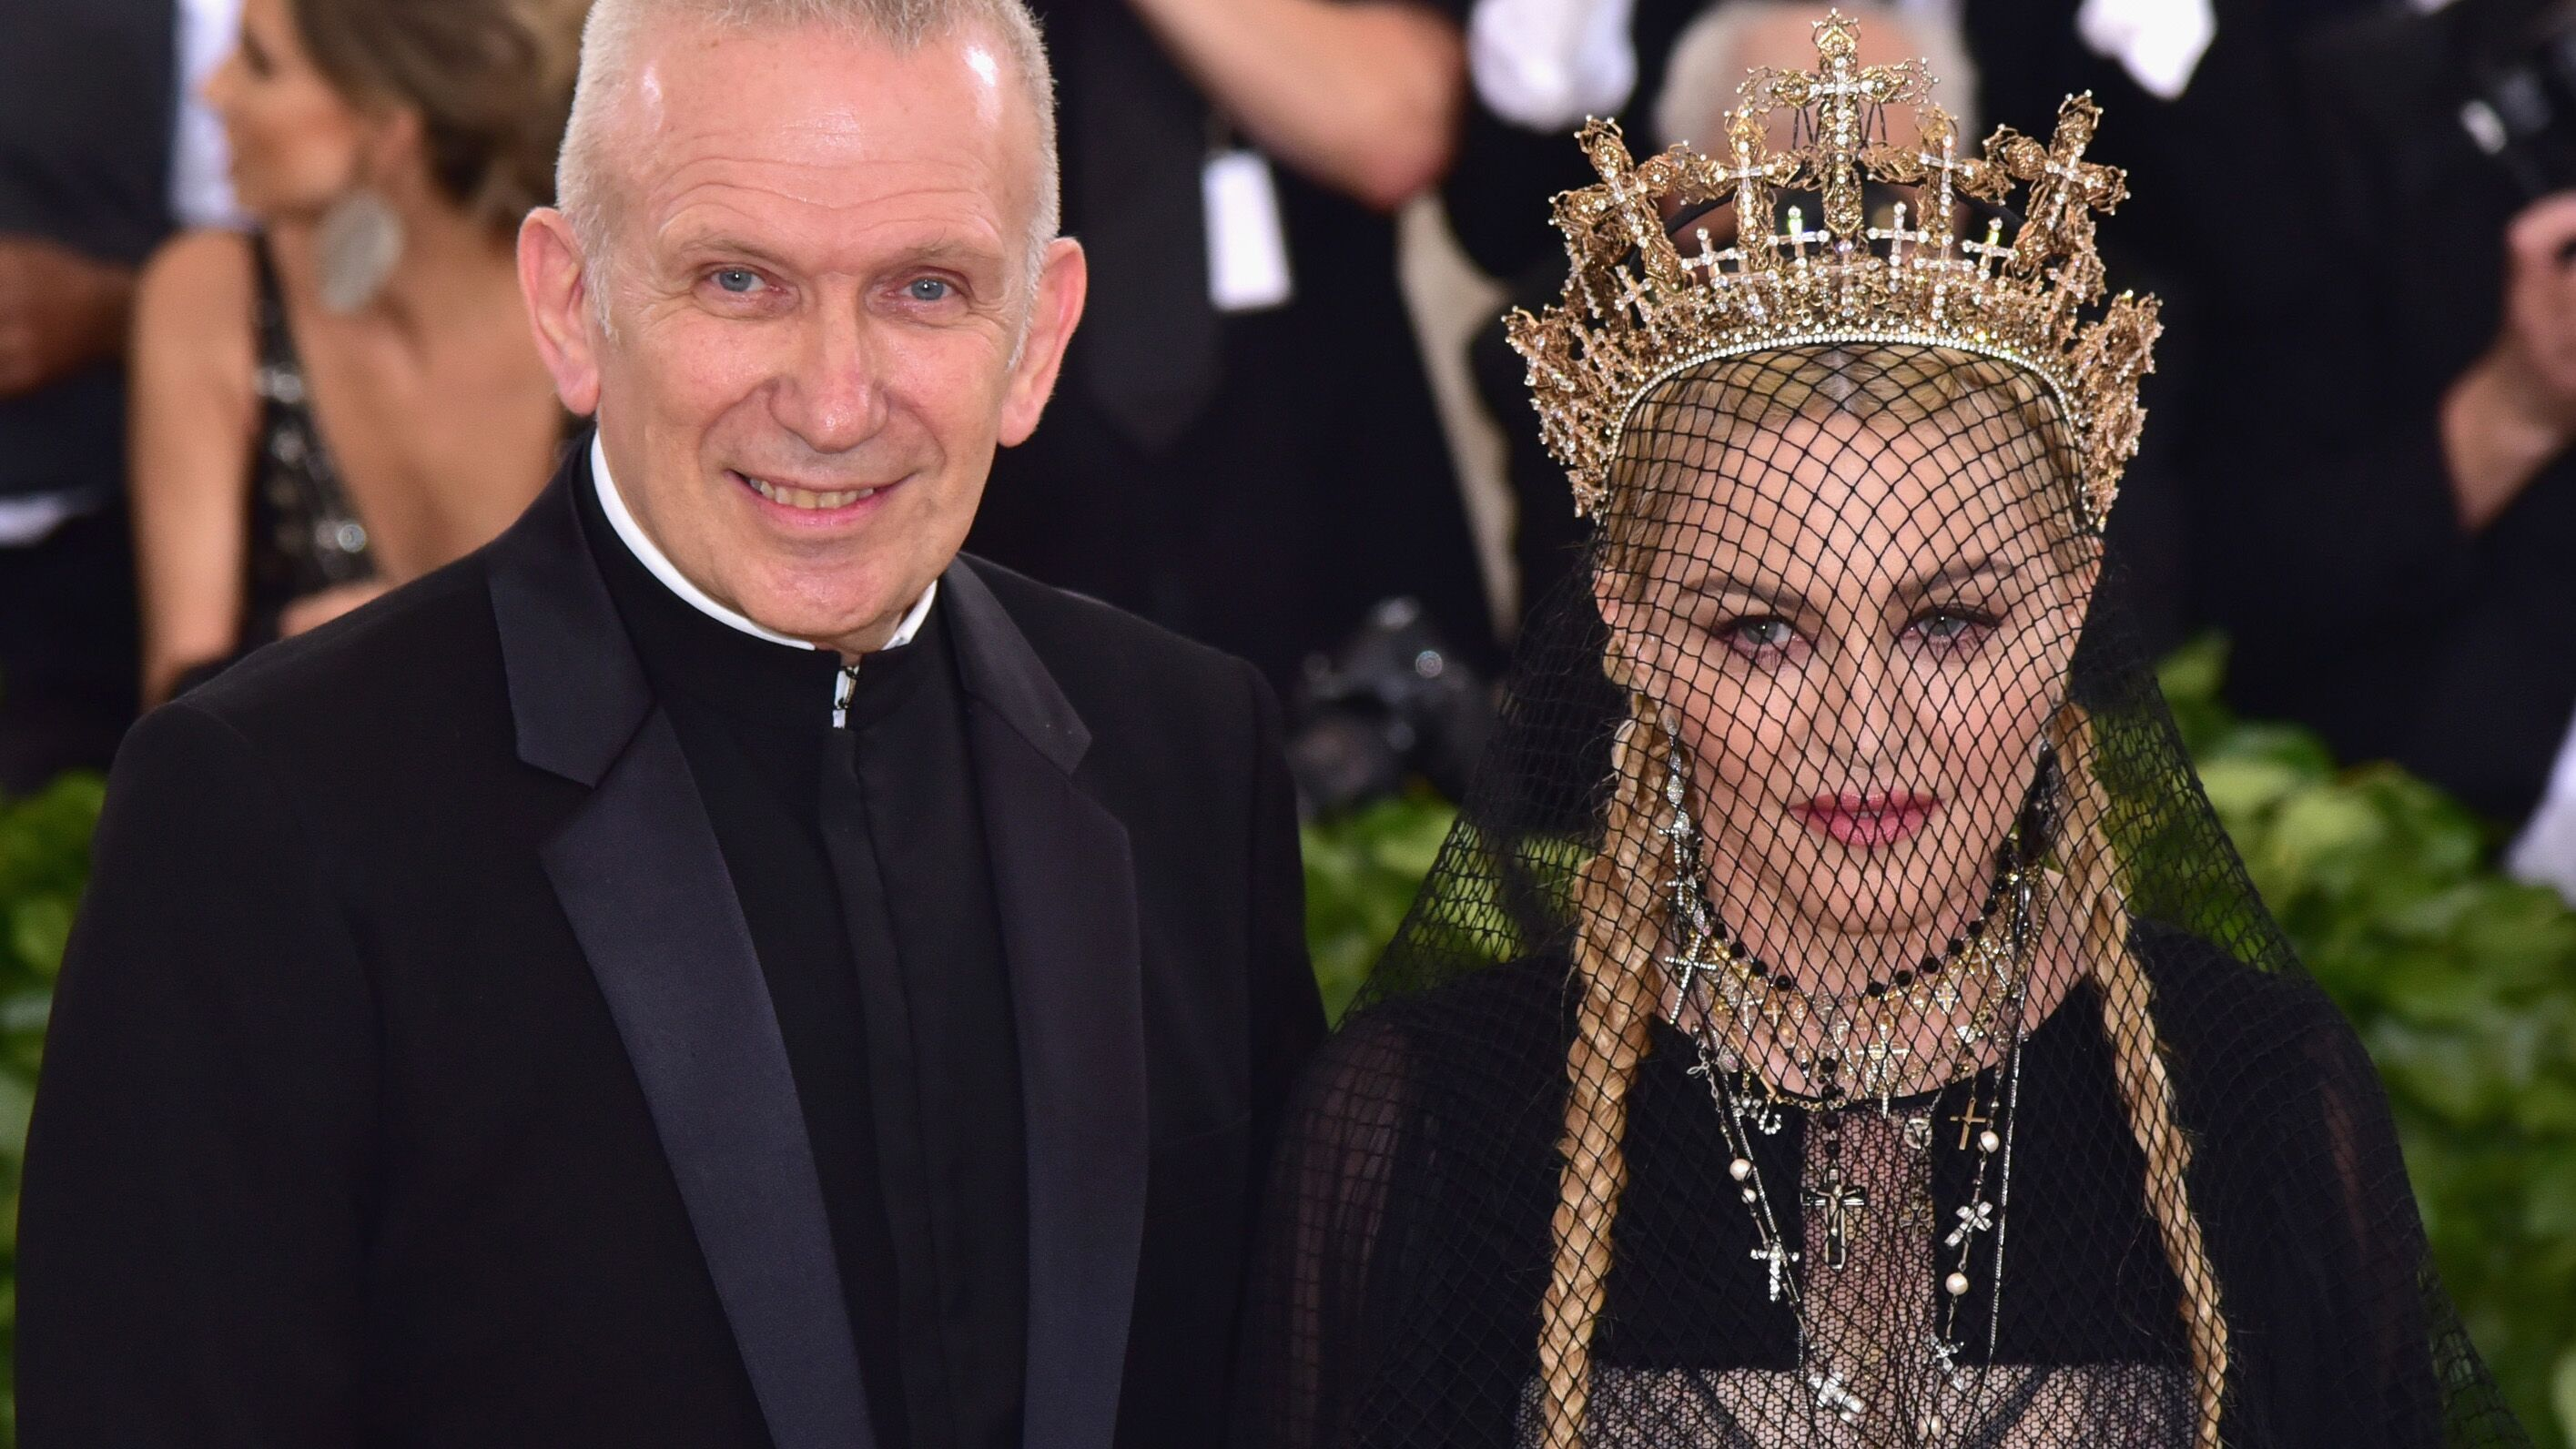 PHOTO Madonna absente aux adieux de Jean-Paul Gaultier, la chanteuse sort du silence